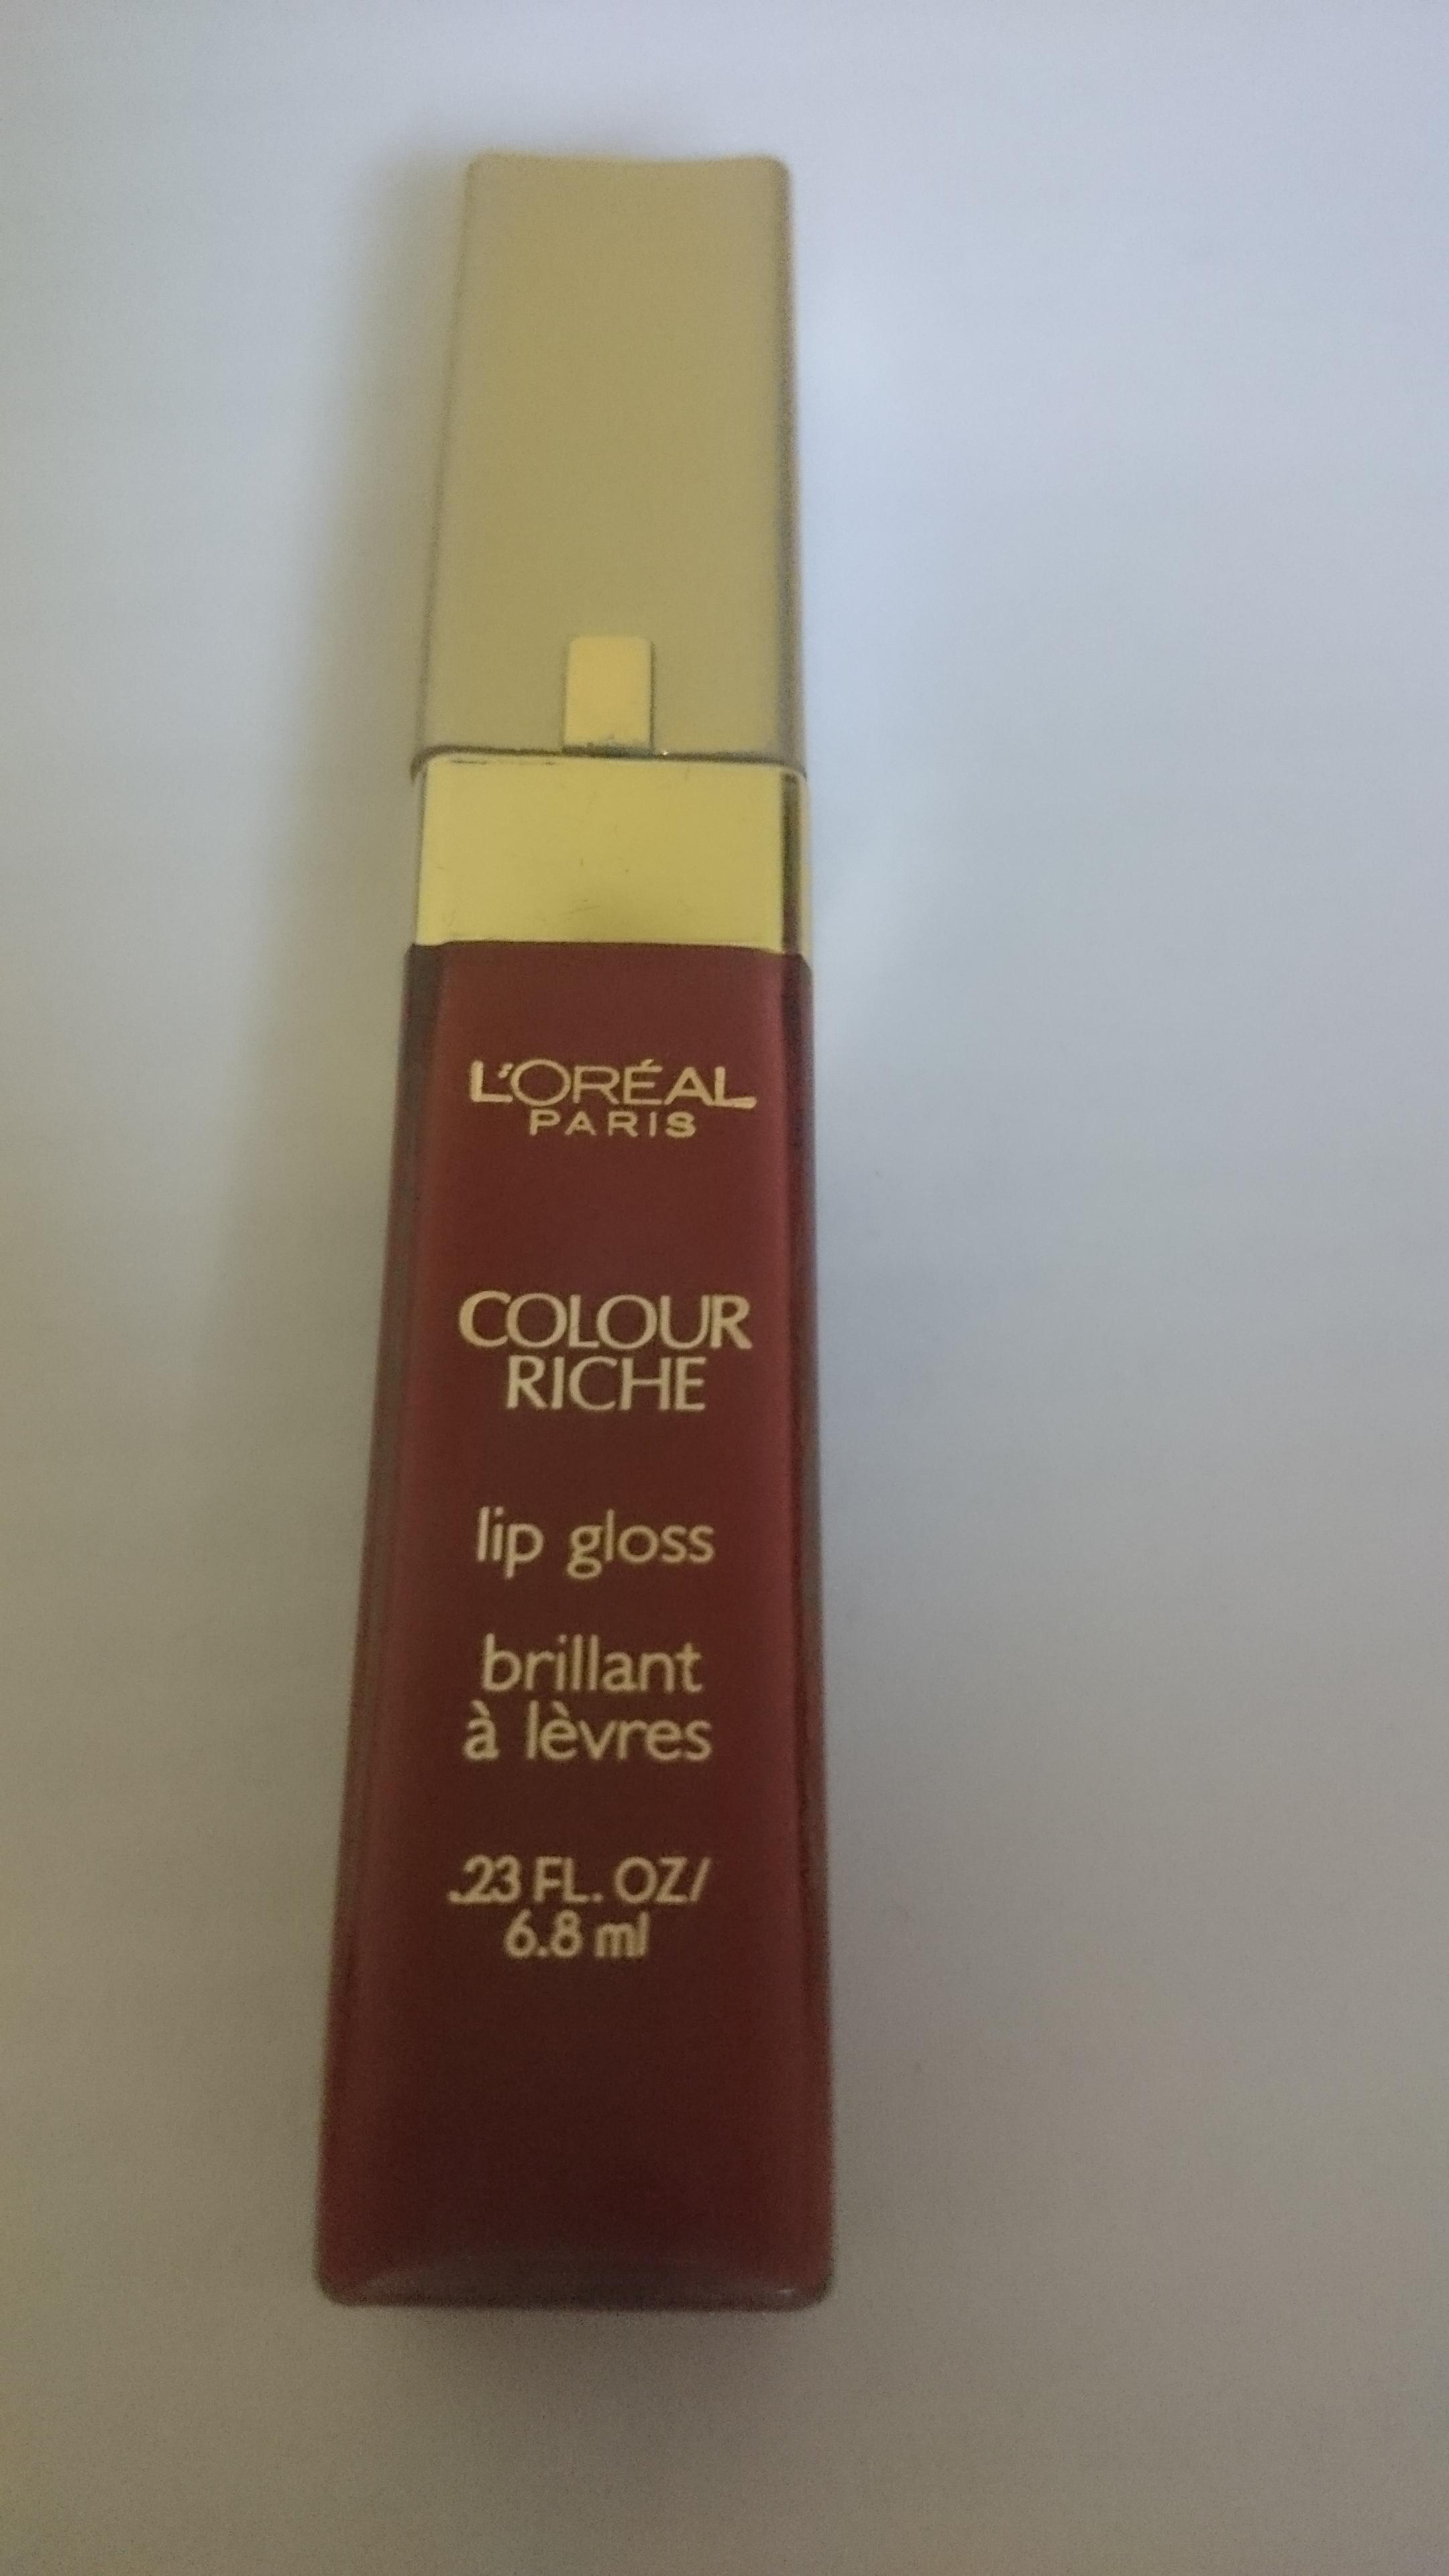 L'Oréal Paris Colour Riche Lip Gloss uploaded by Kiran S.